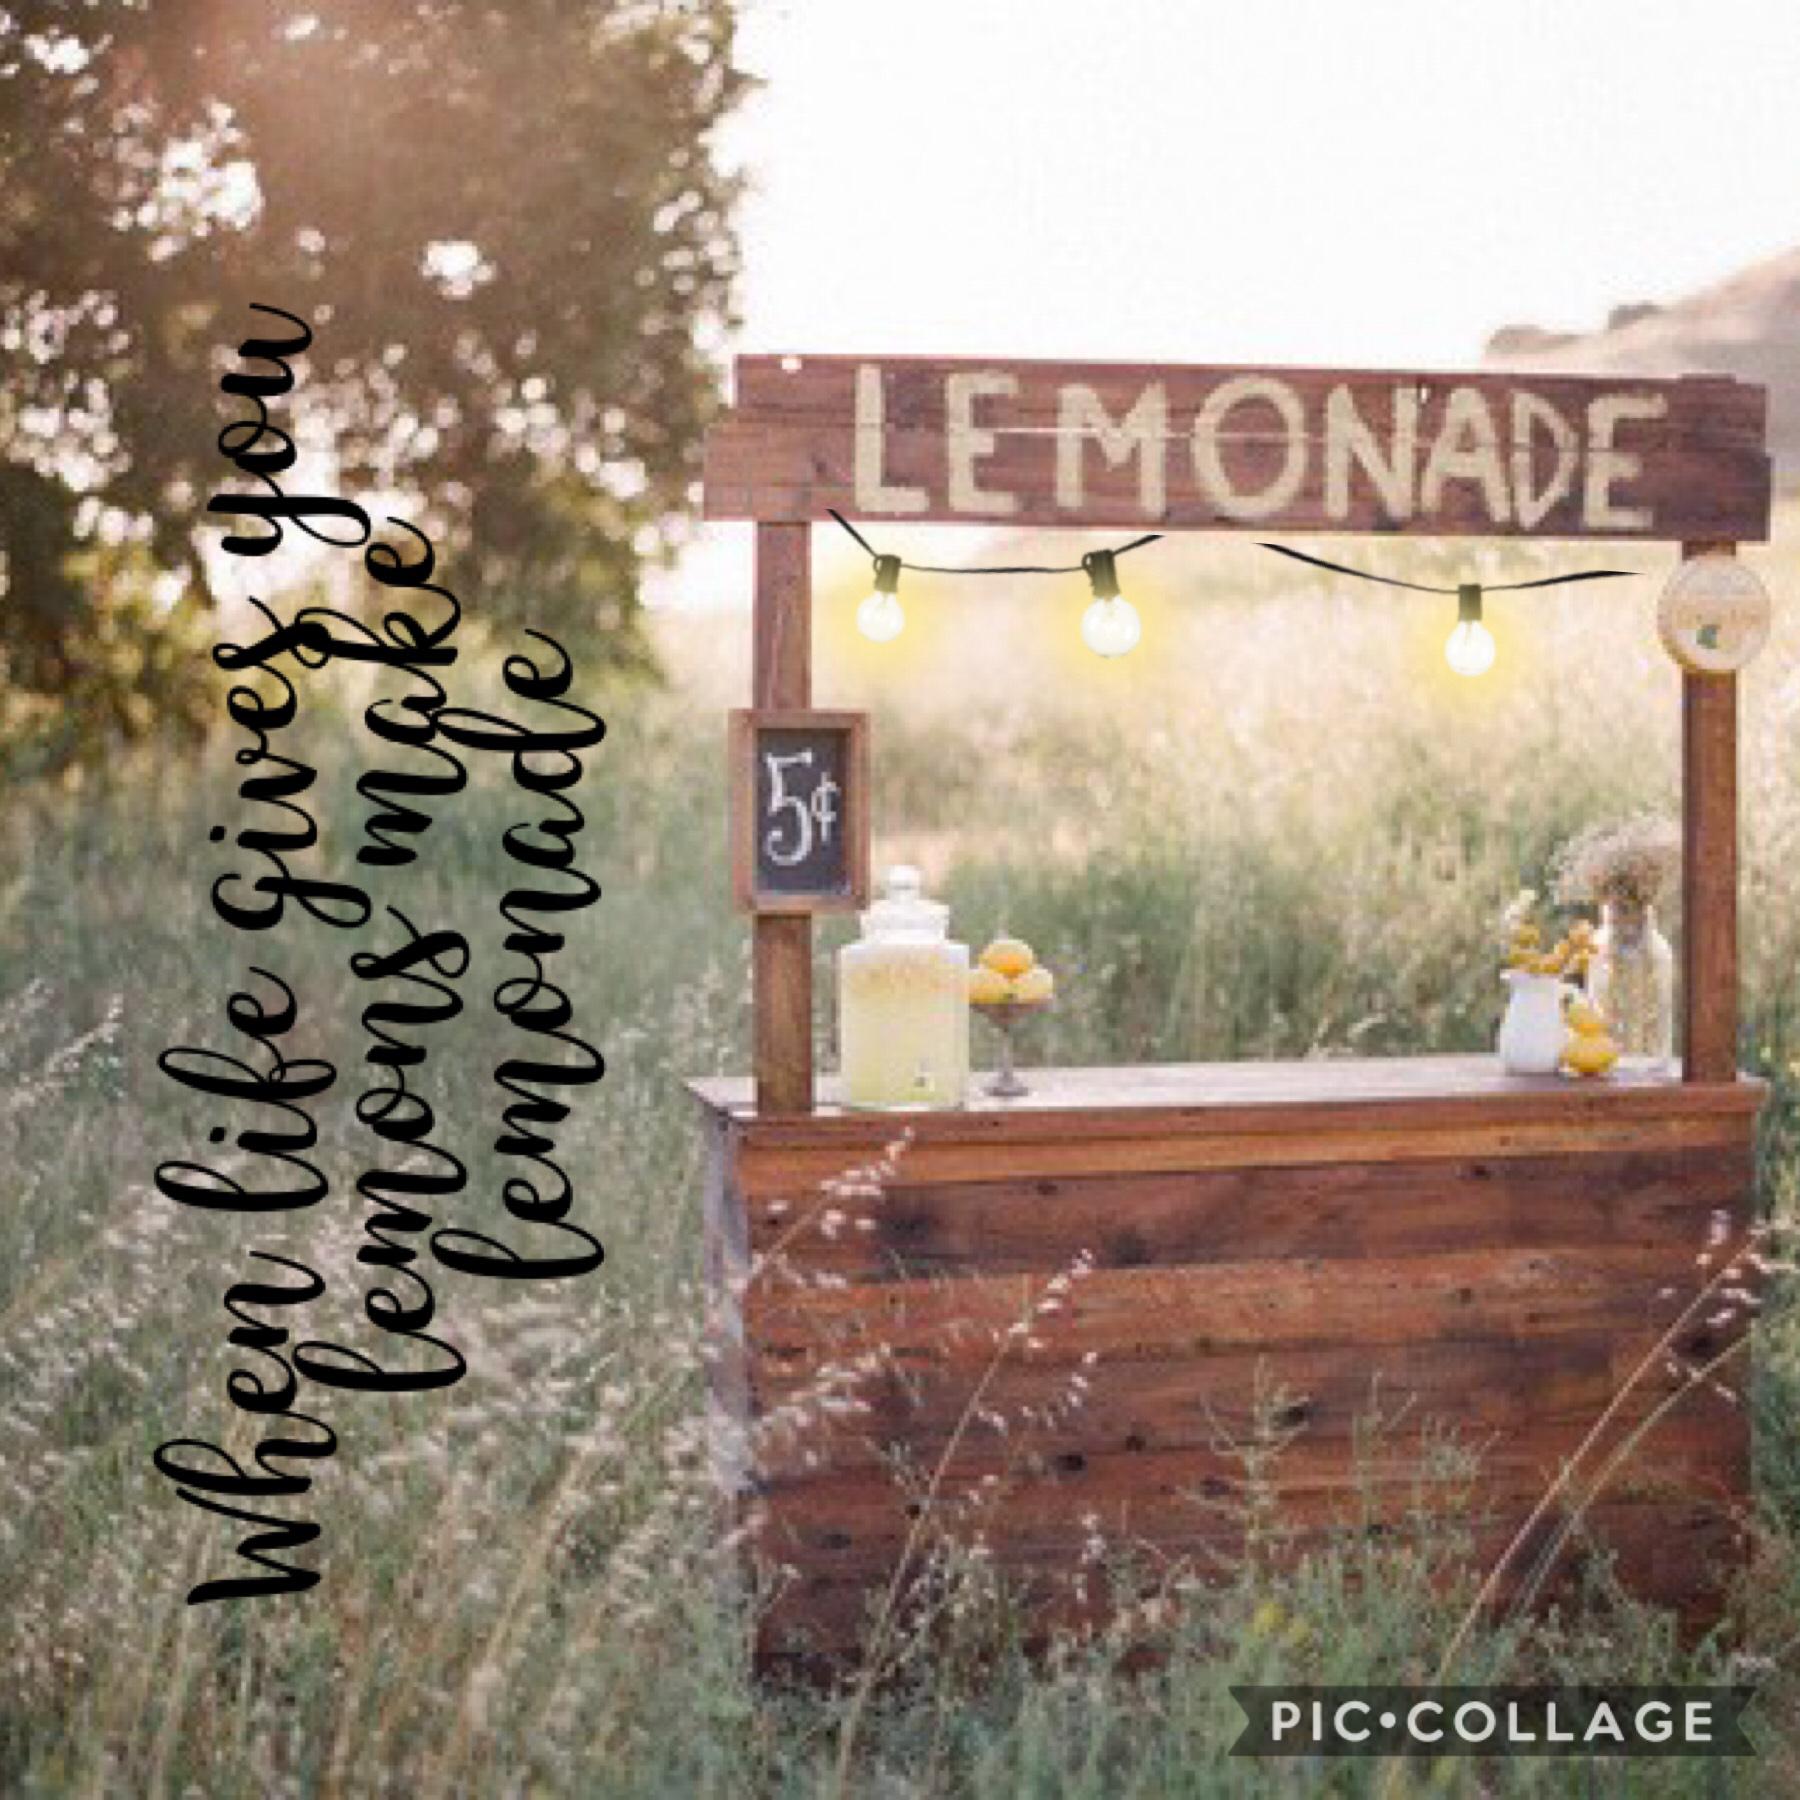 We life gives you lemons make lemonade